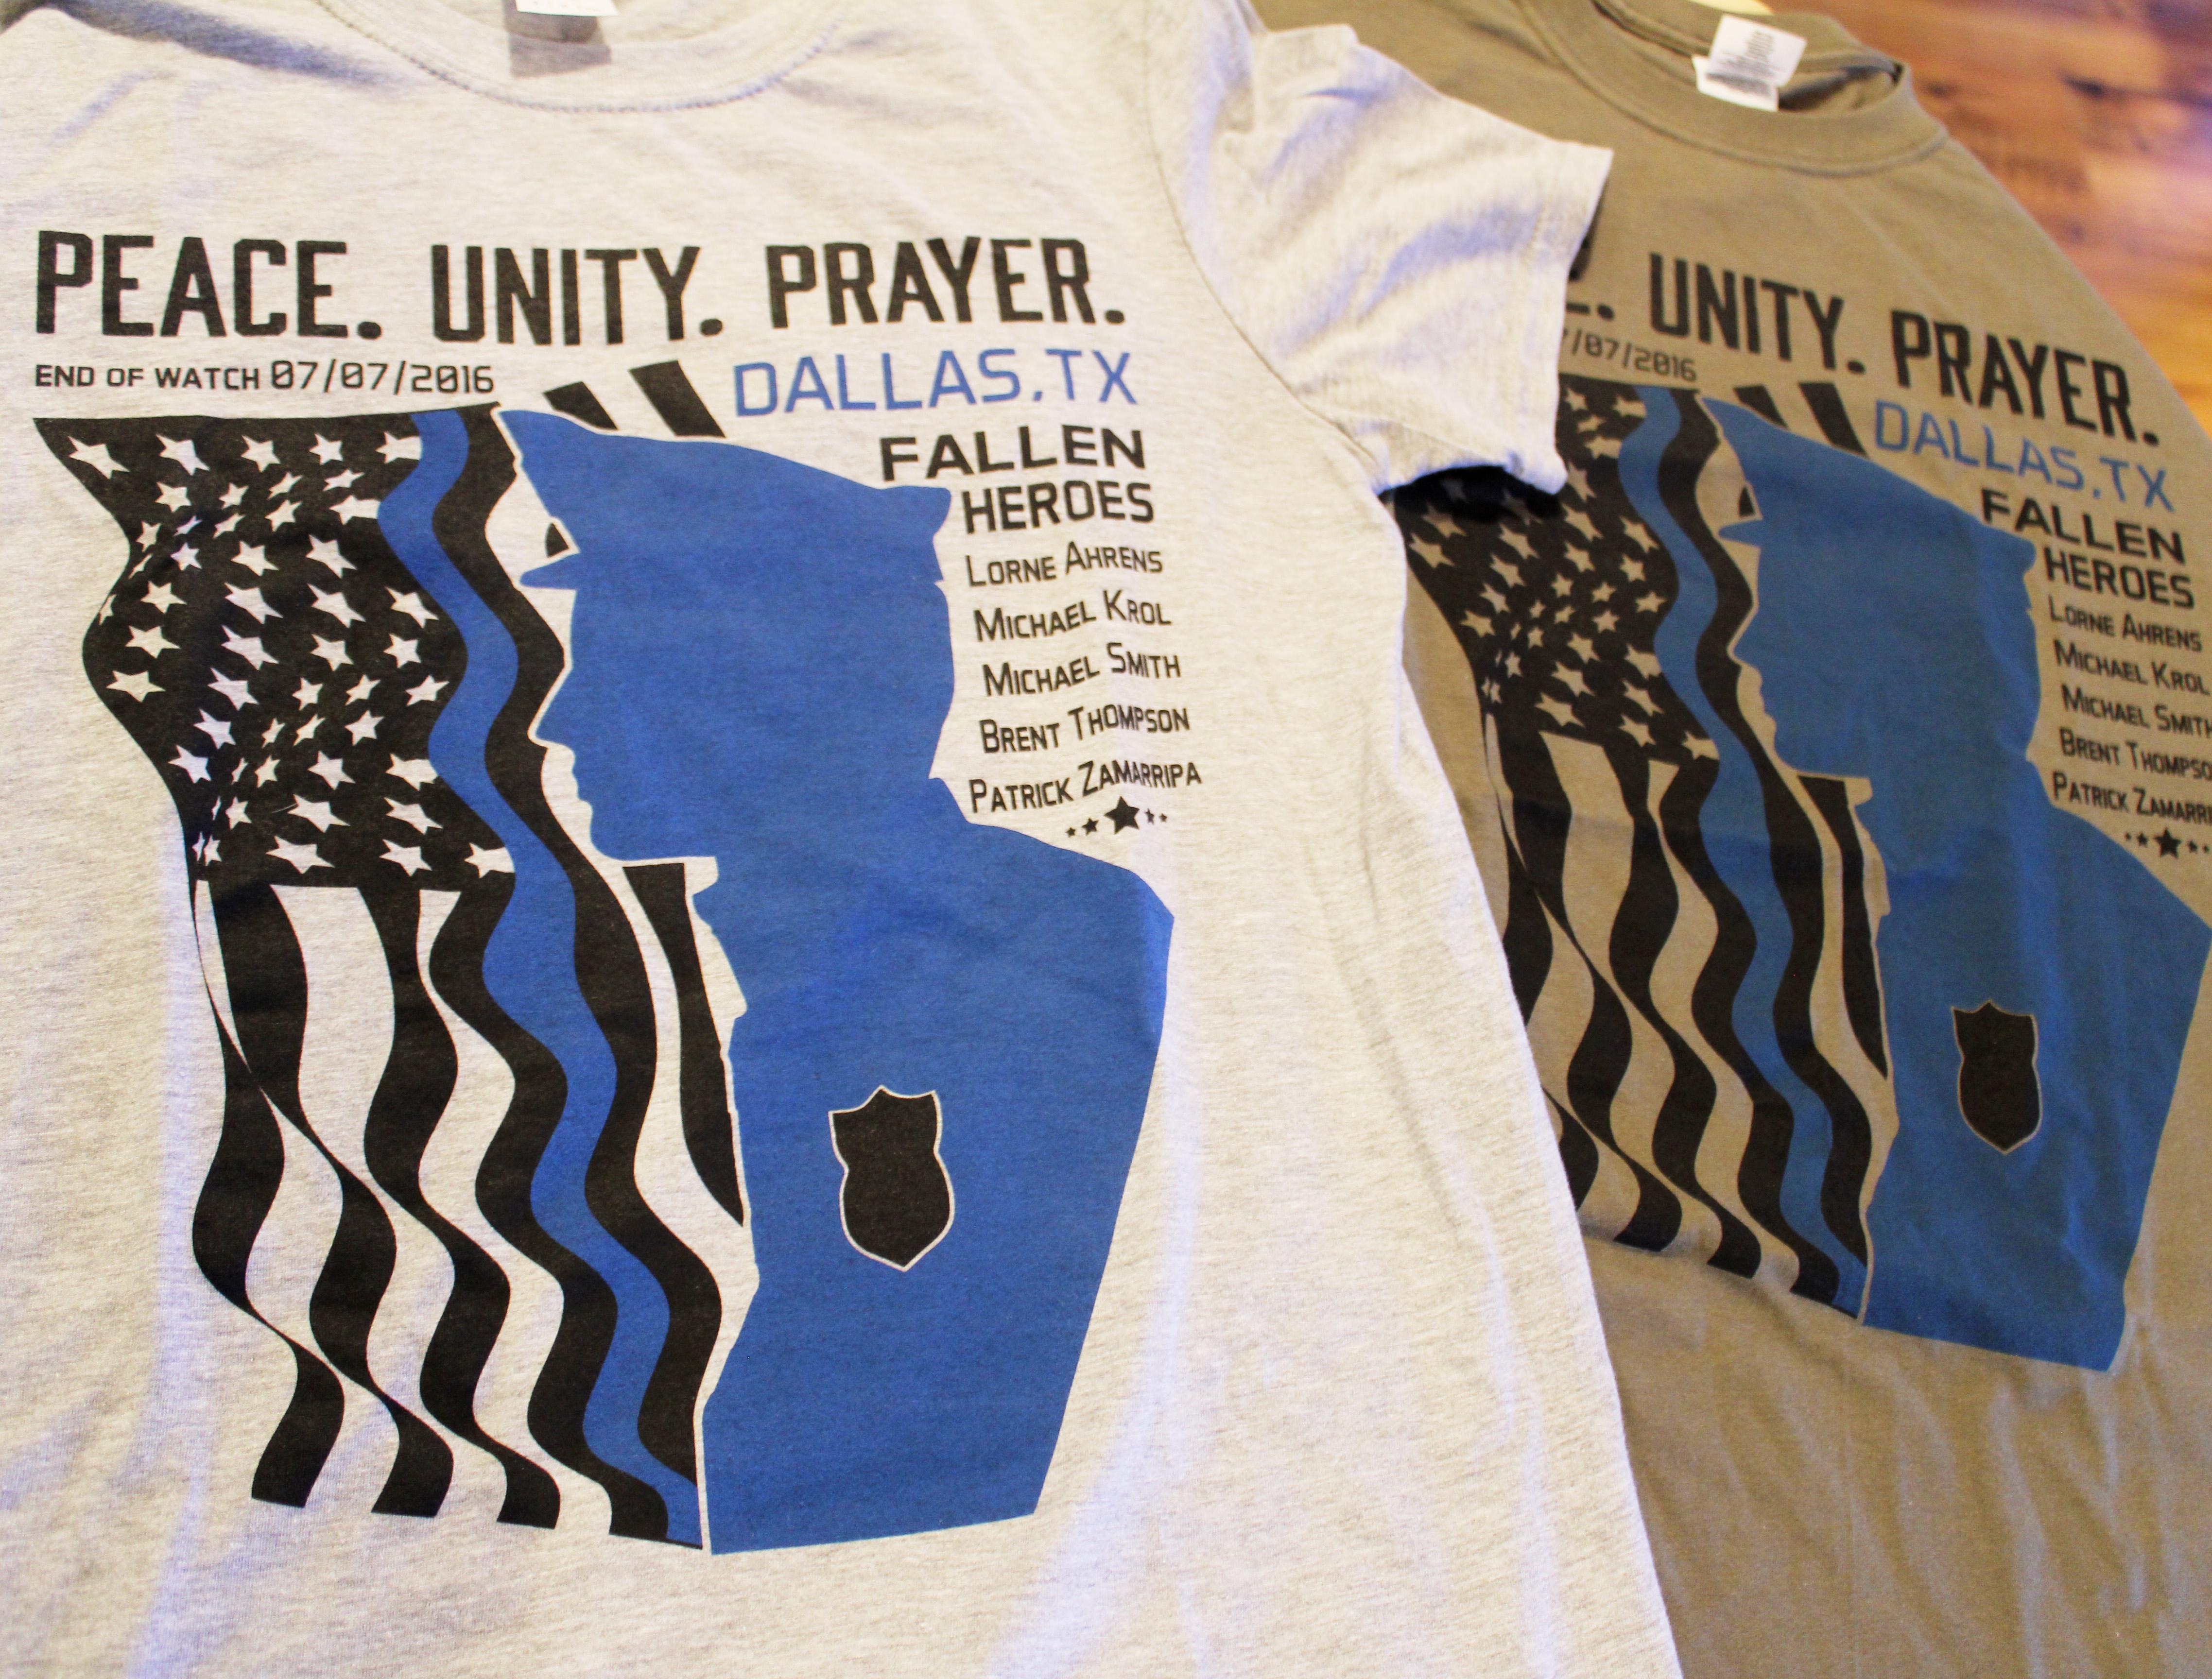 Dallas Fallen Officer Benefit Shirts